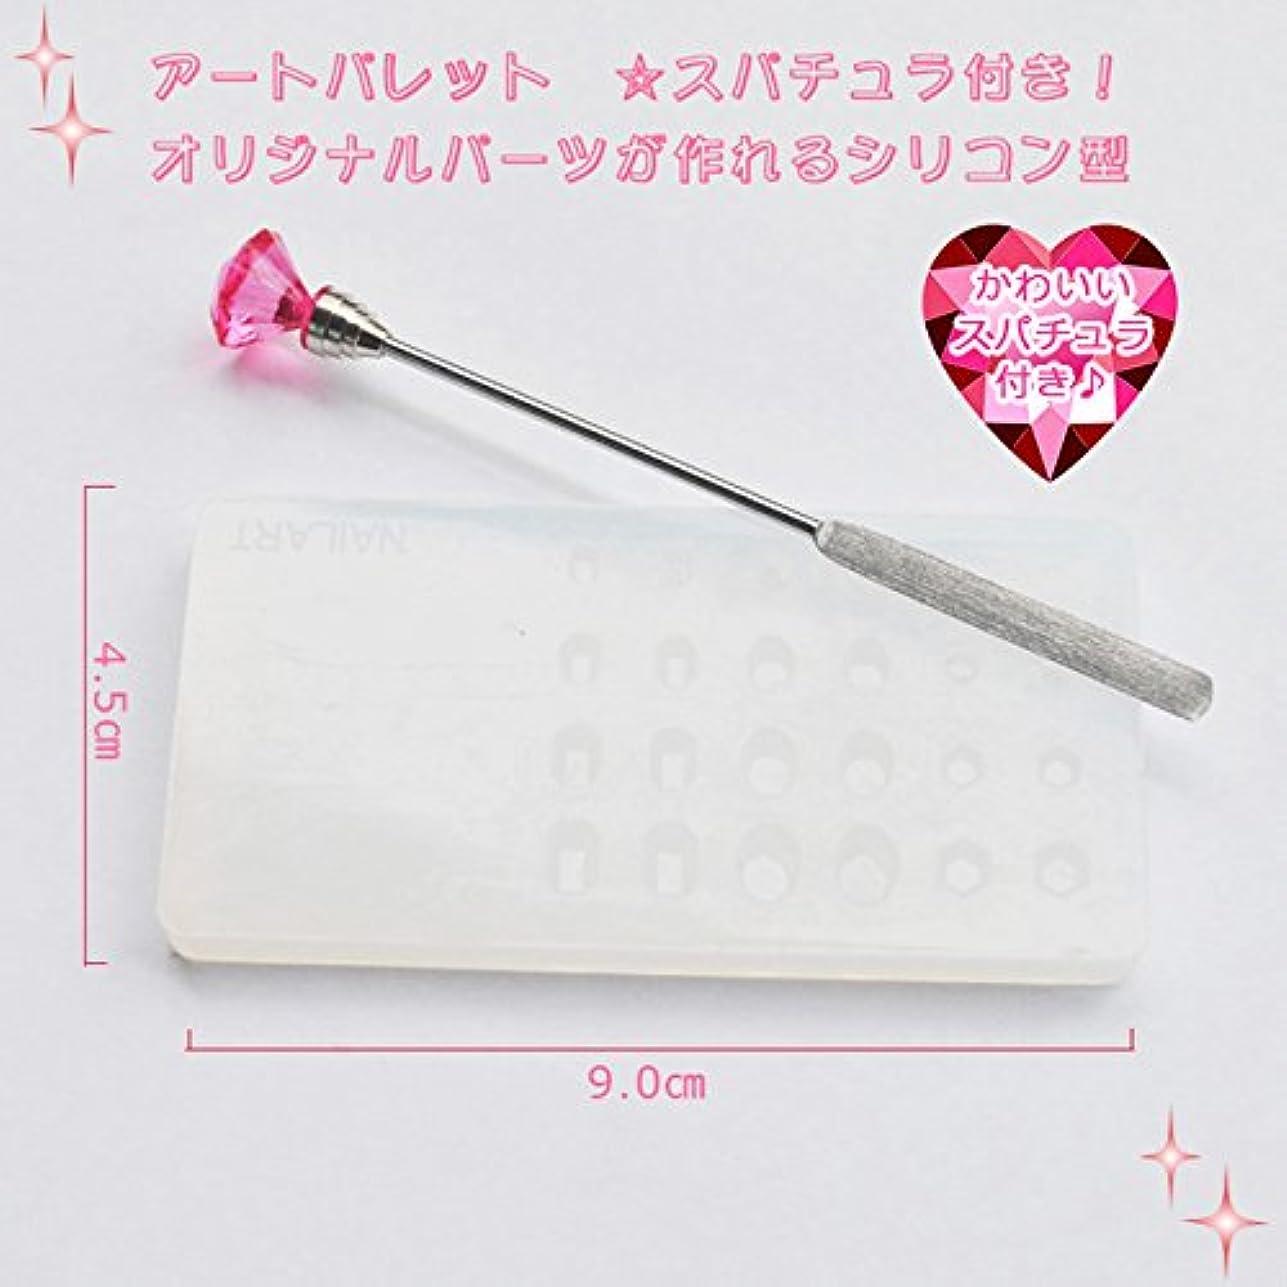 要件弓蒸し器アートパレット☆スパチュラ付き!☆オリジナルパーツが作れるシリコン型